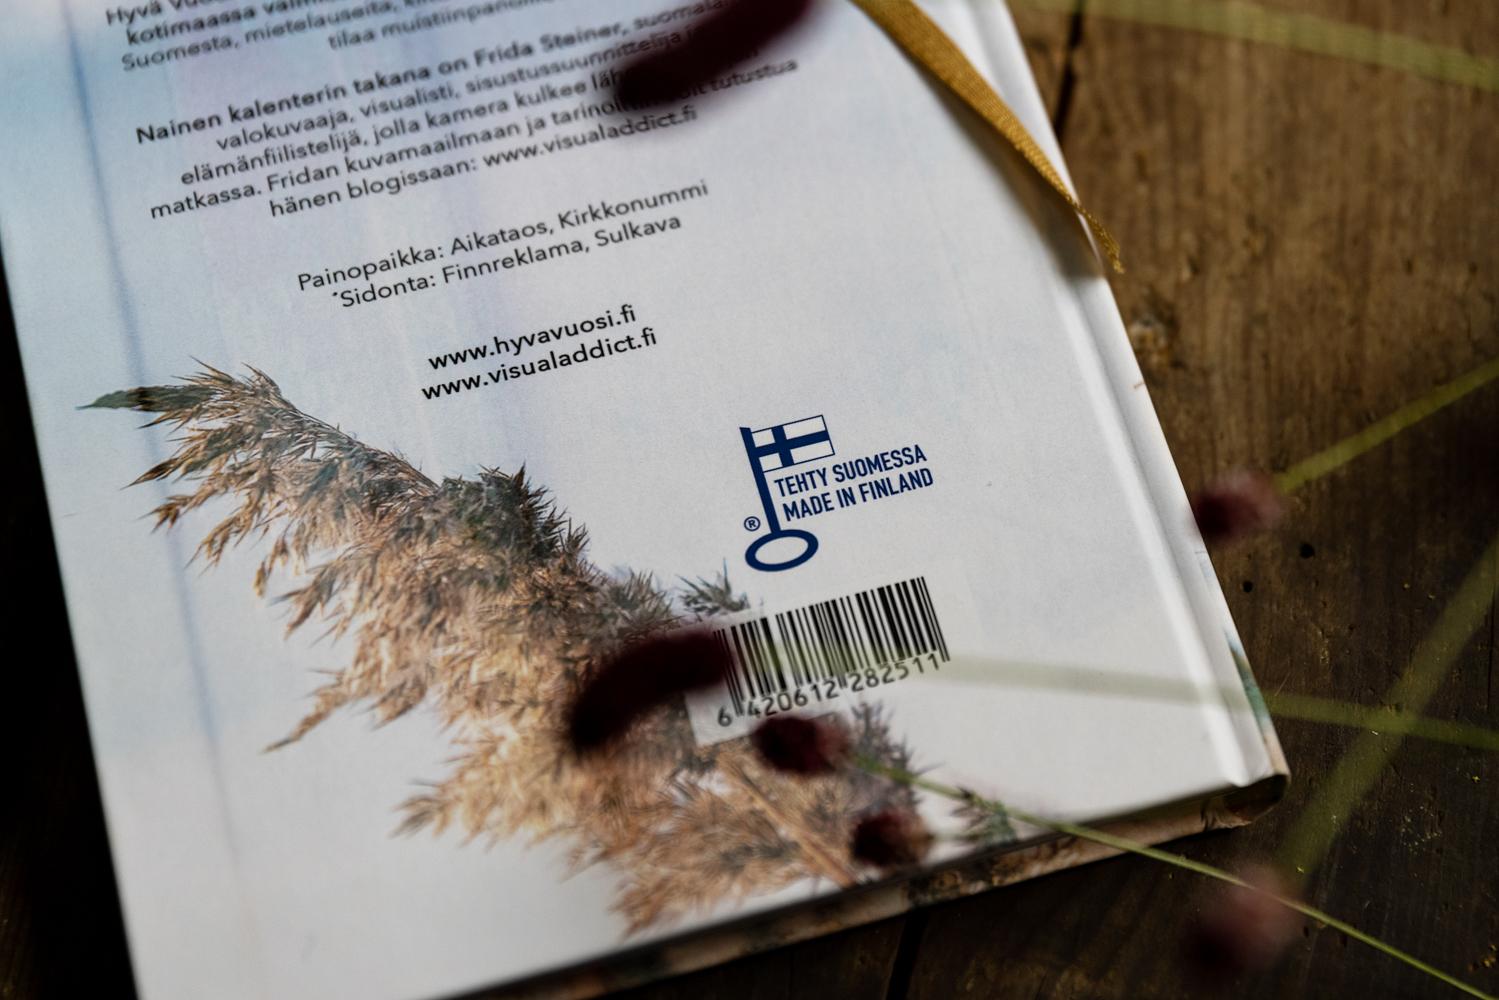 Hyvä Vuosi, kalenteri kalenteri2022, kiitollisuuspäiväkirja, kotimainen, avainlipputuote, kuvakalenteri, mietelause, valokuvaaja, Frida Steiner, Visualaddictfrida, blog, visualaddict, suomalainen